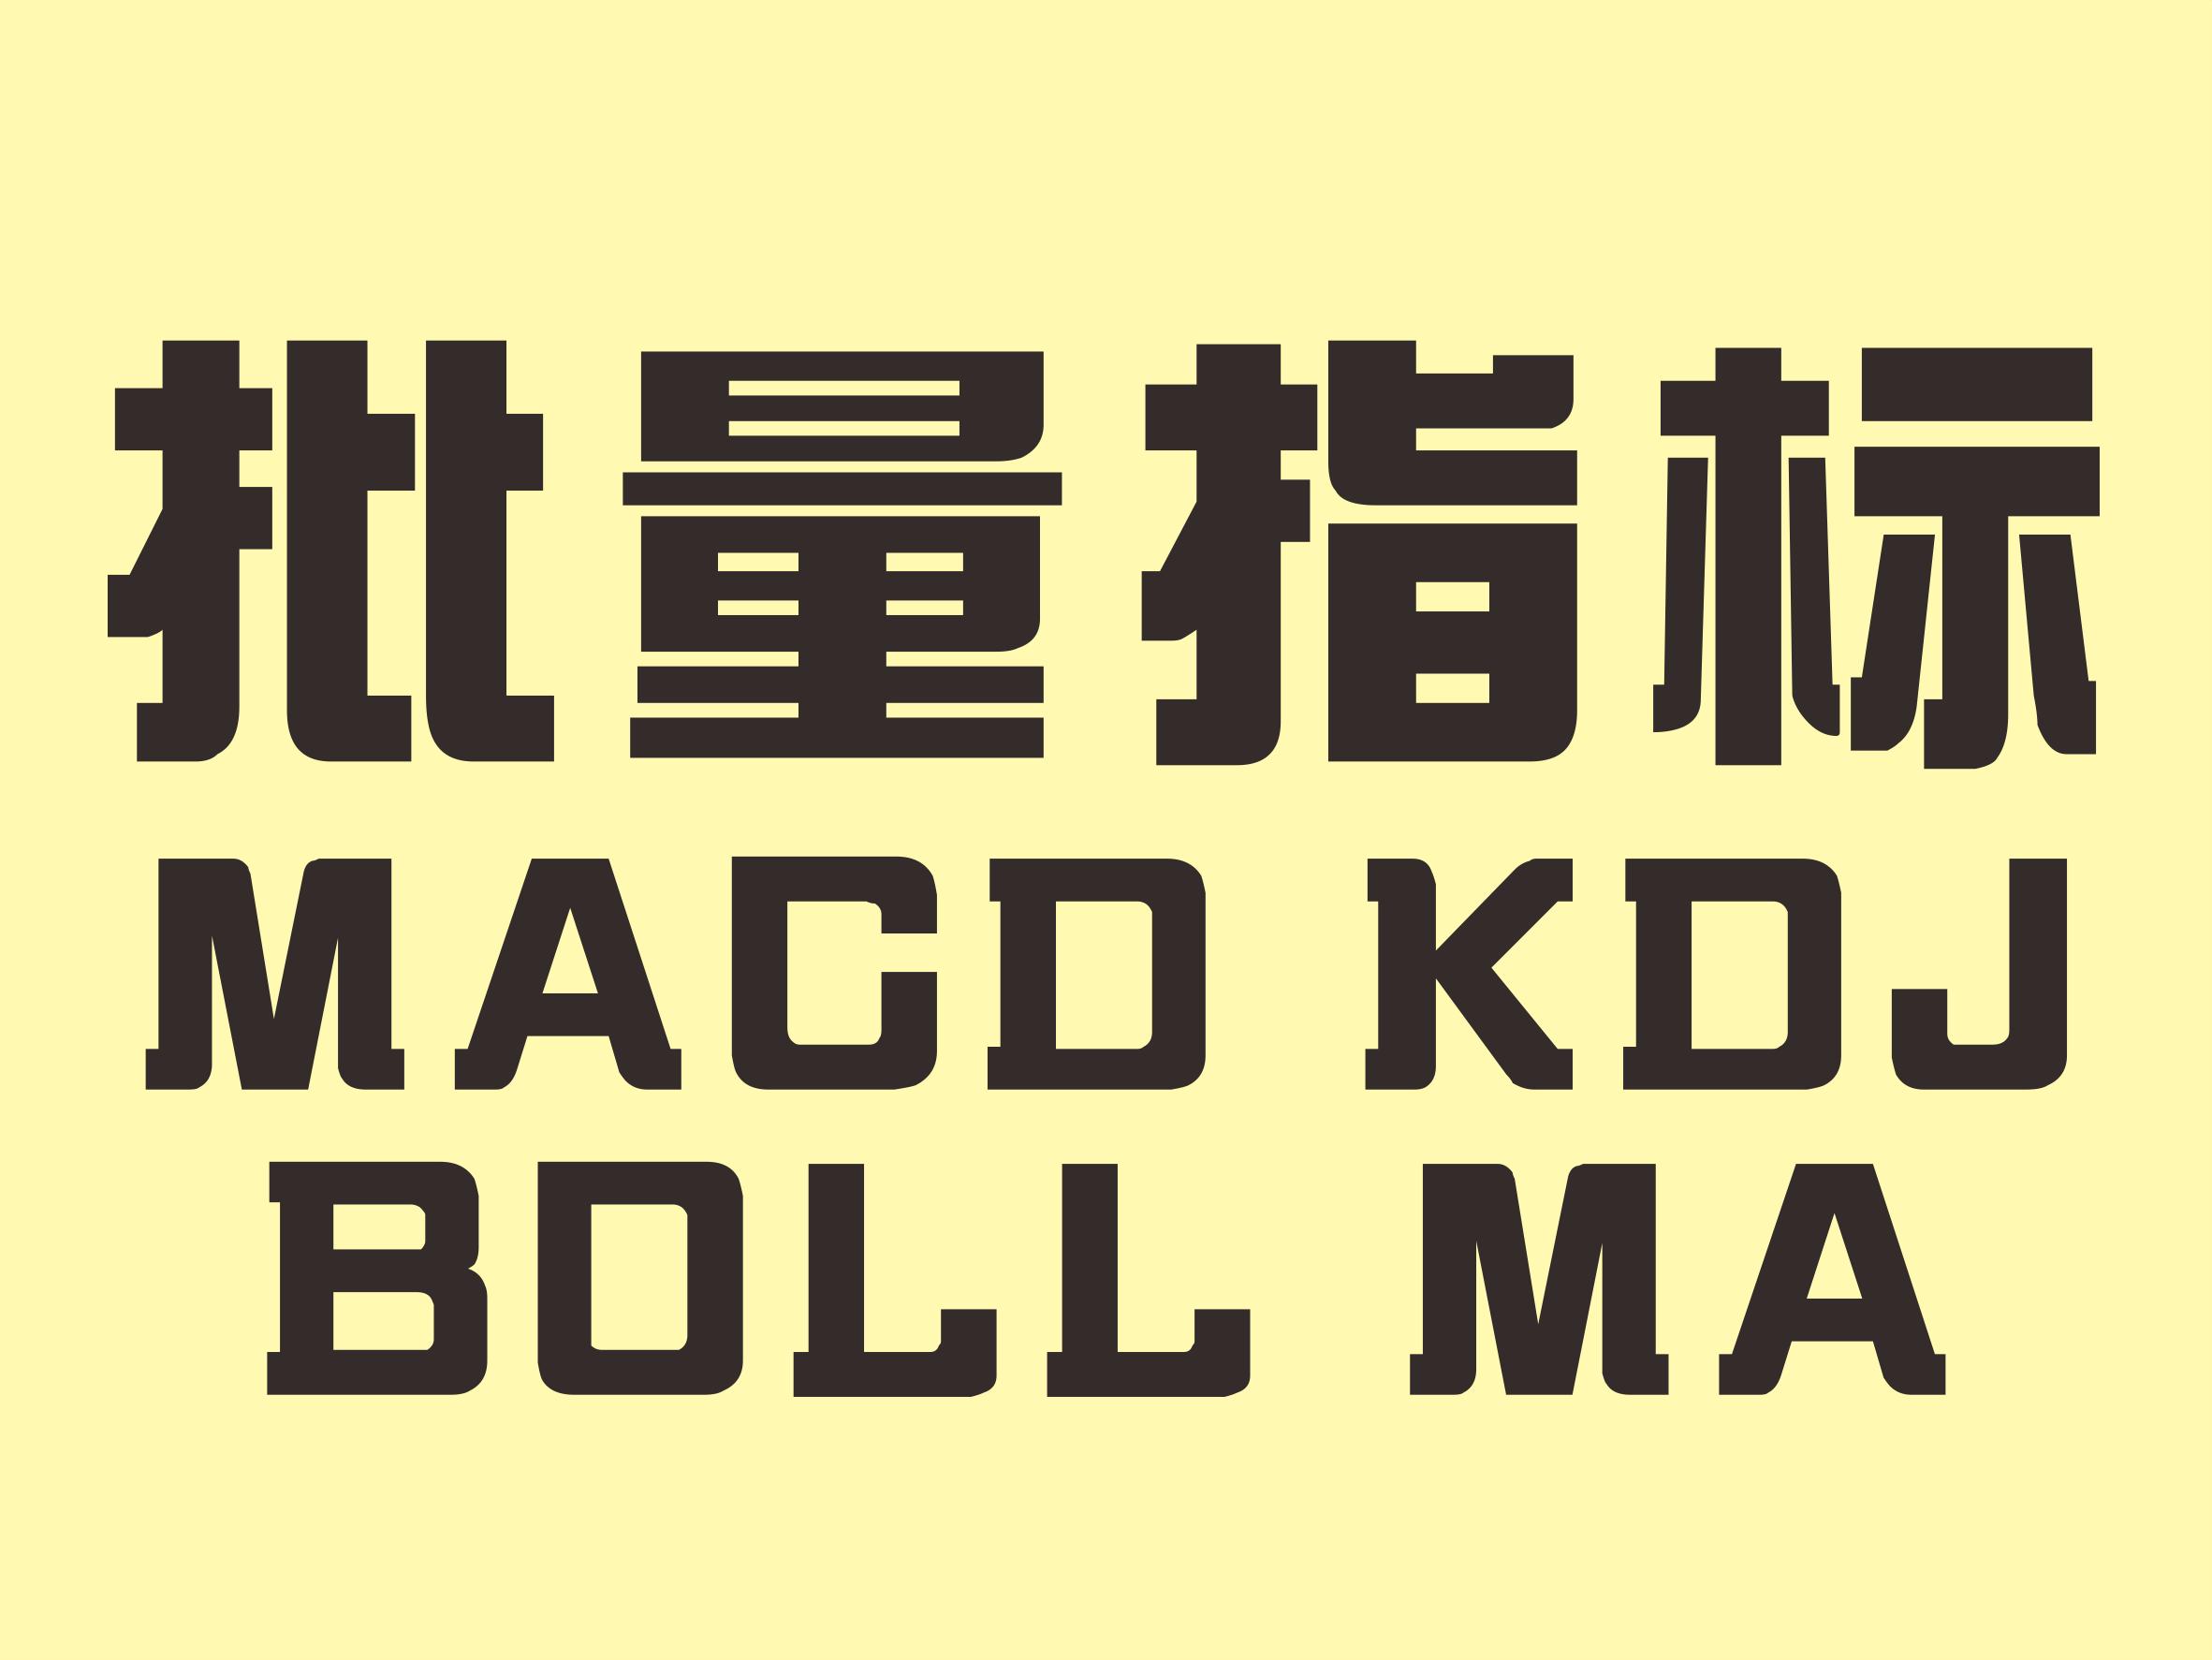 【历史数据】股票指标数据,包含MACD,KDJ,均线,BOLL布林线